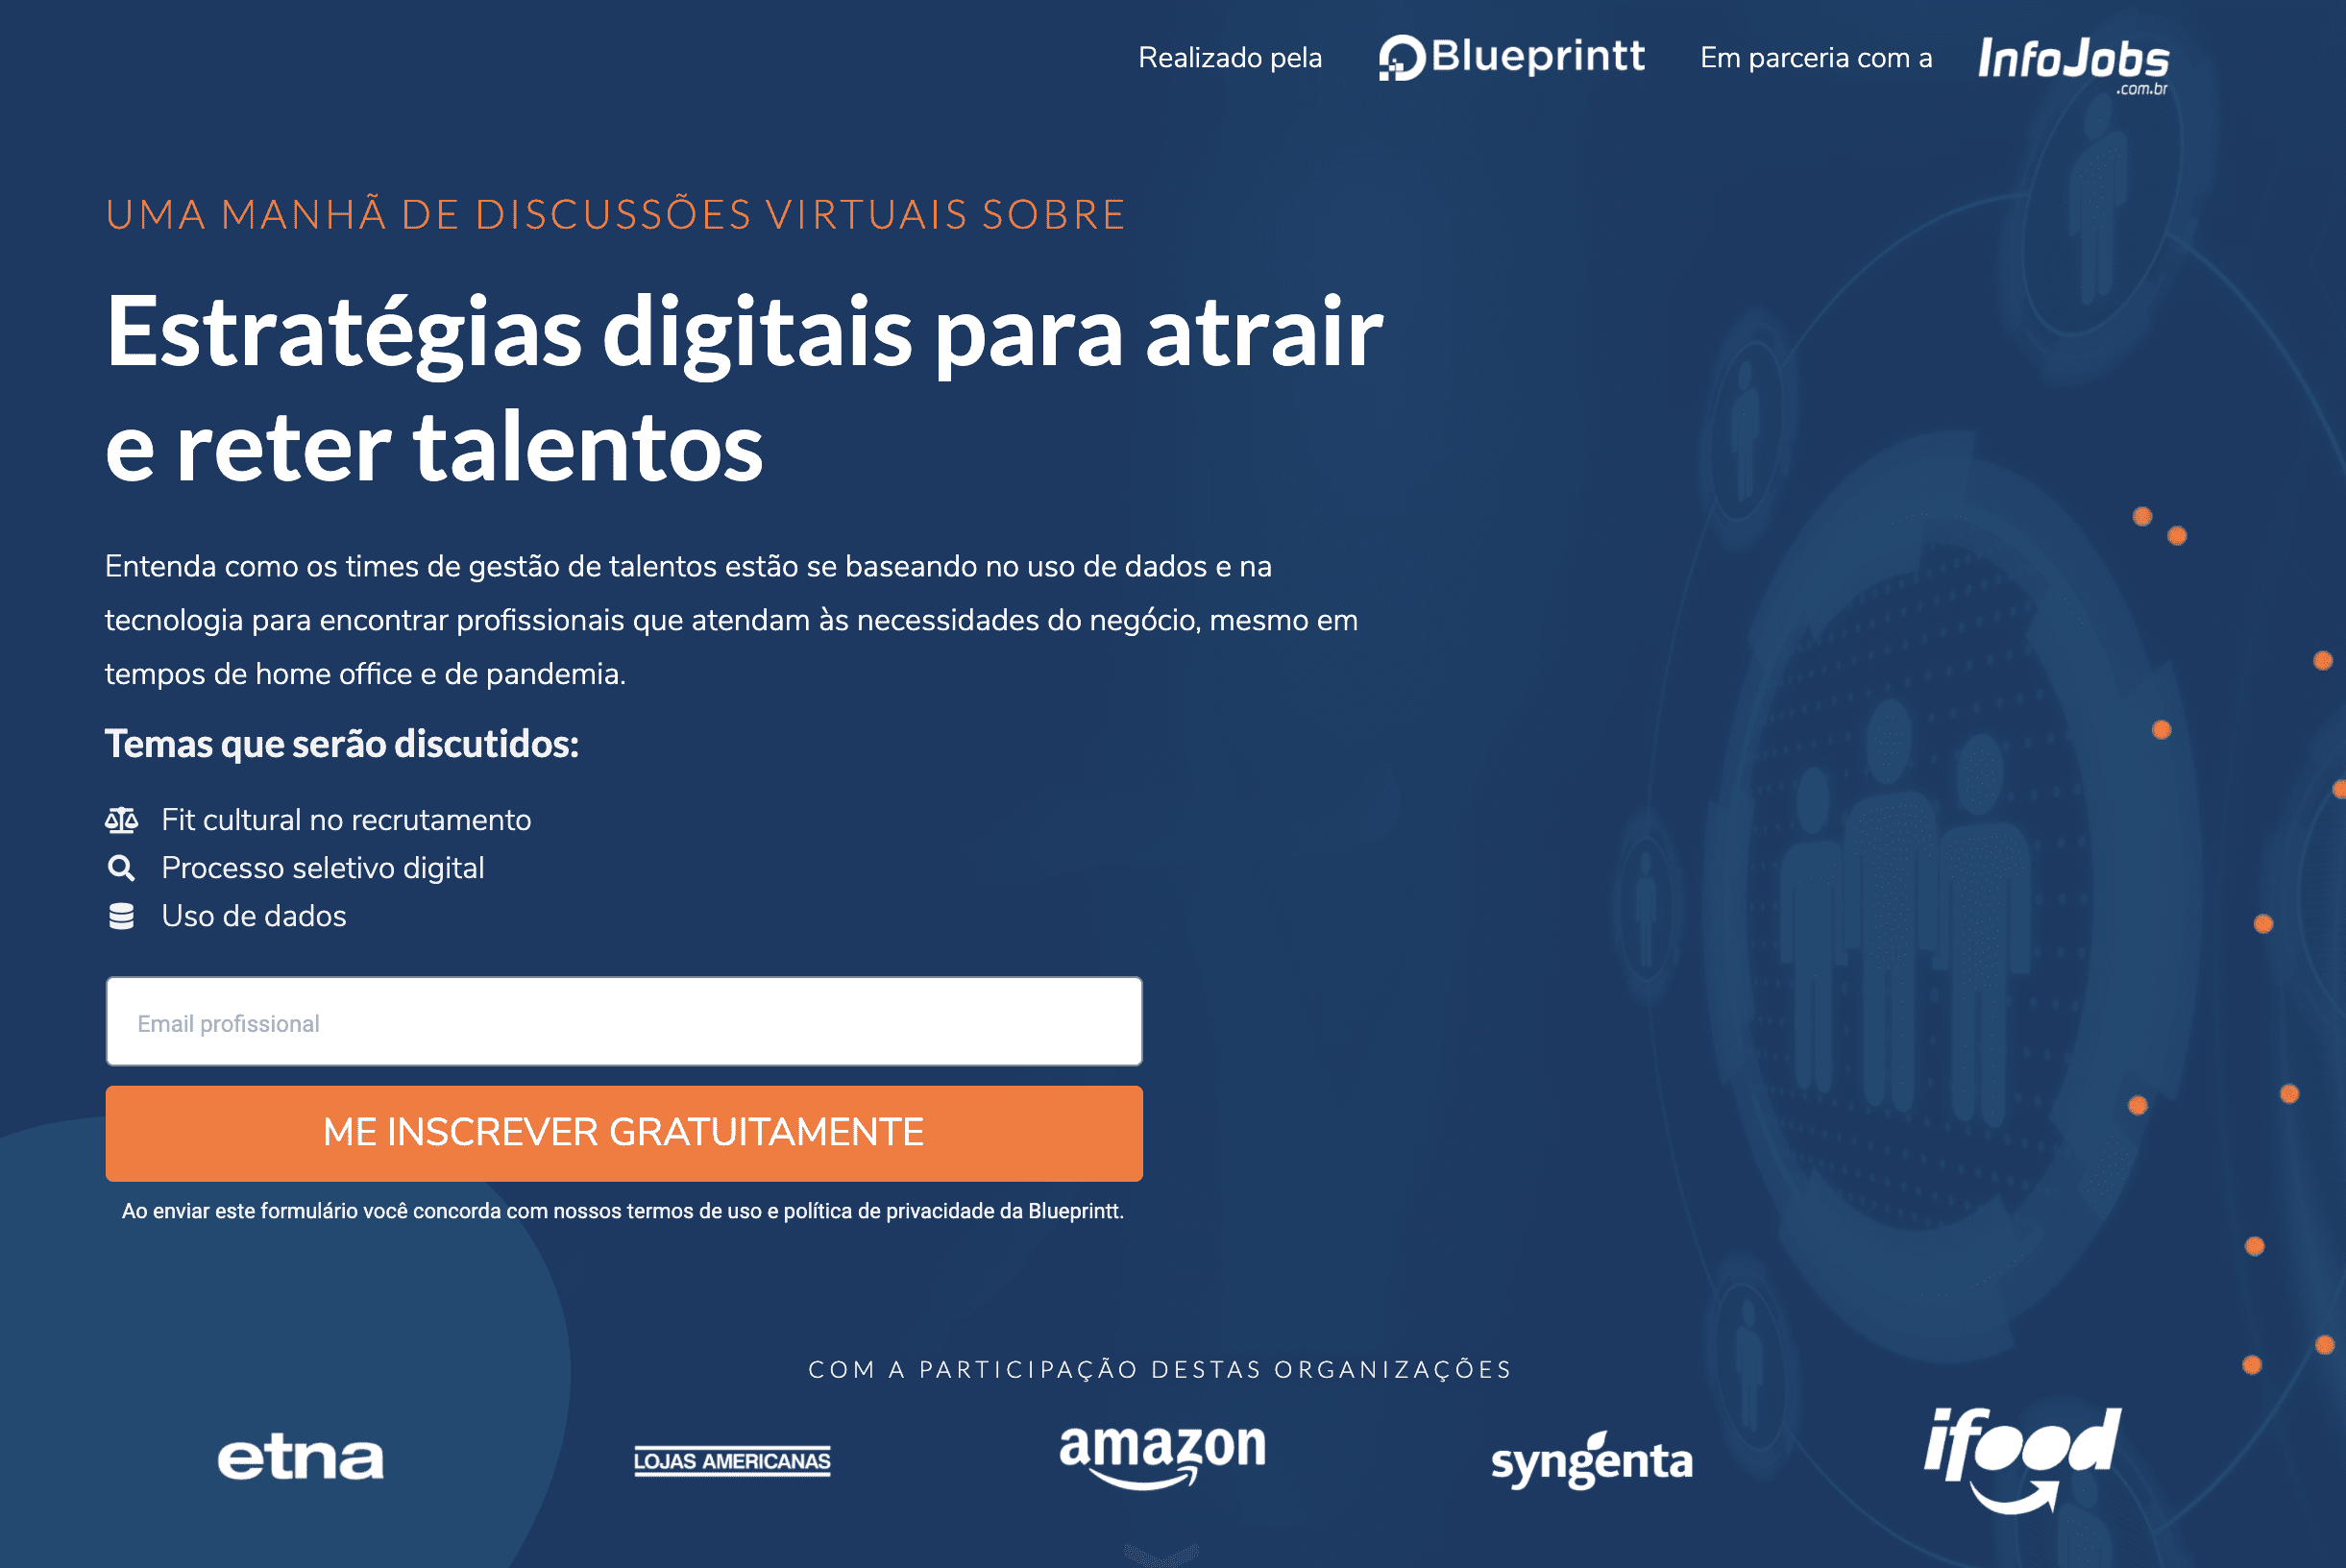 Estratégias digitais para atração e retenção de talentos